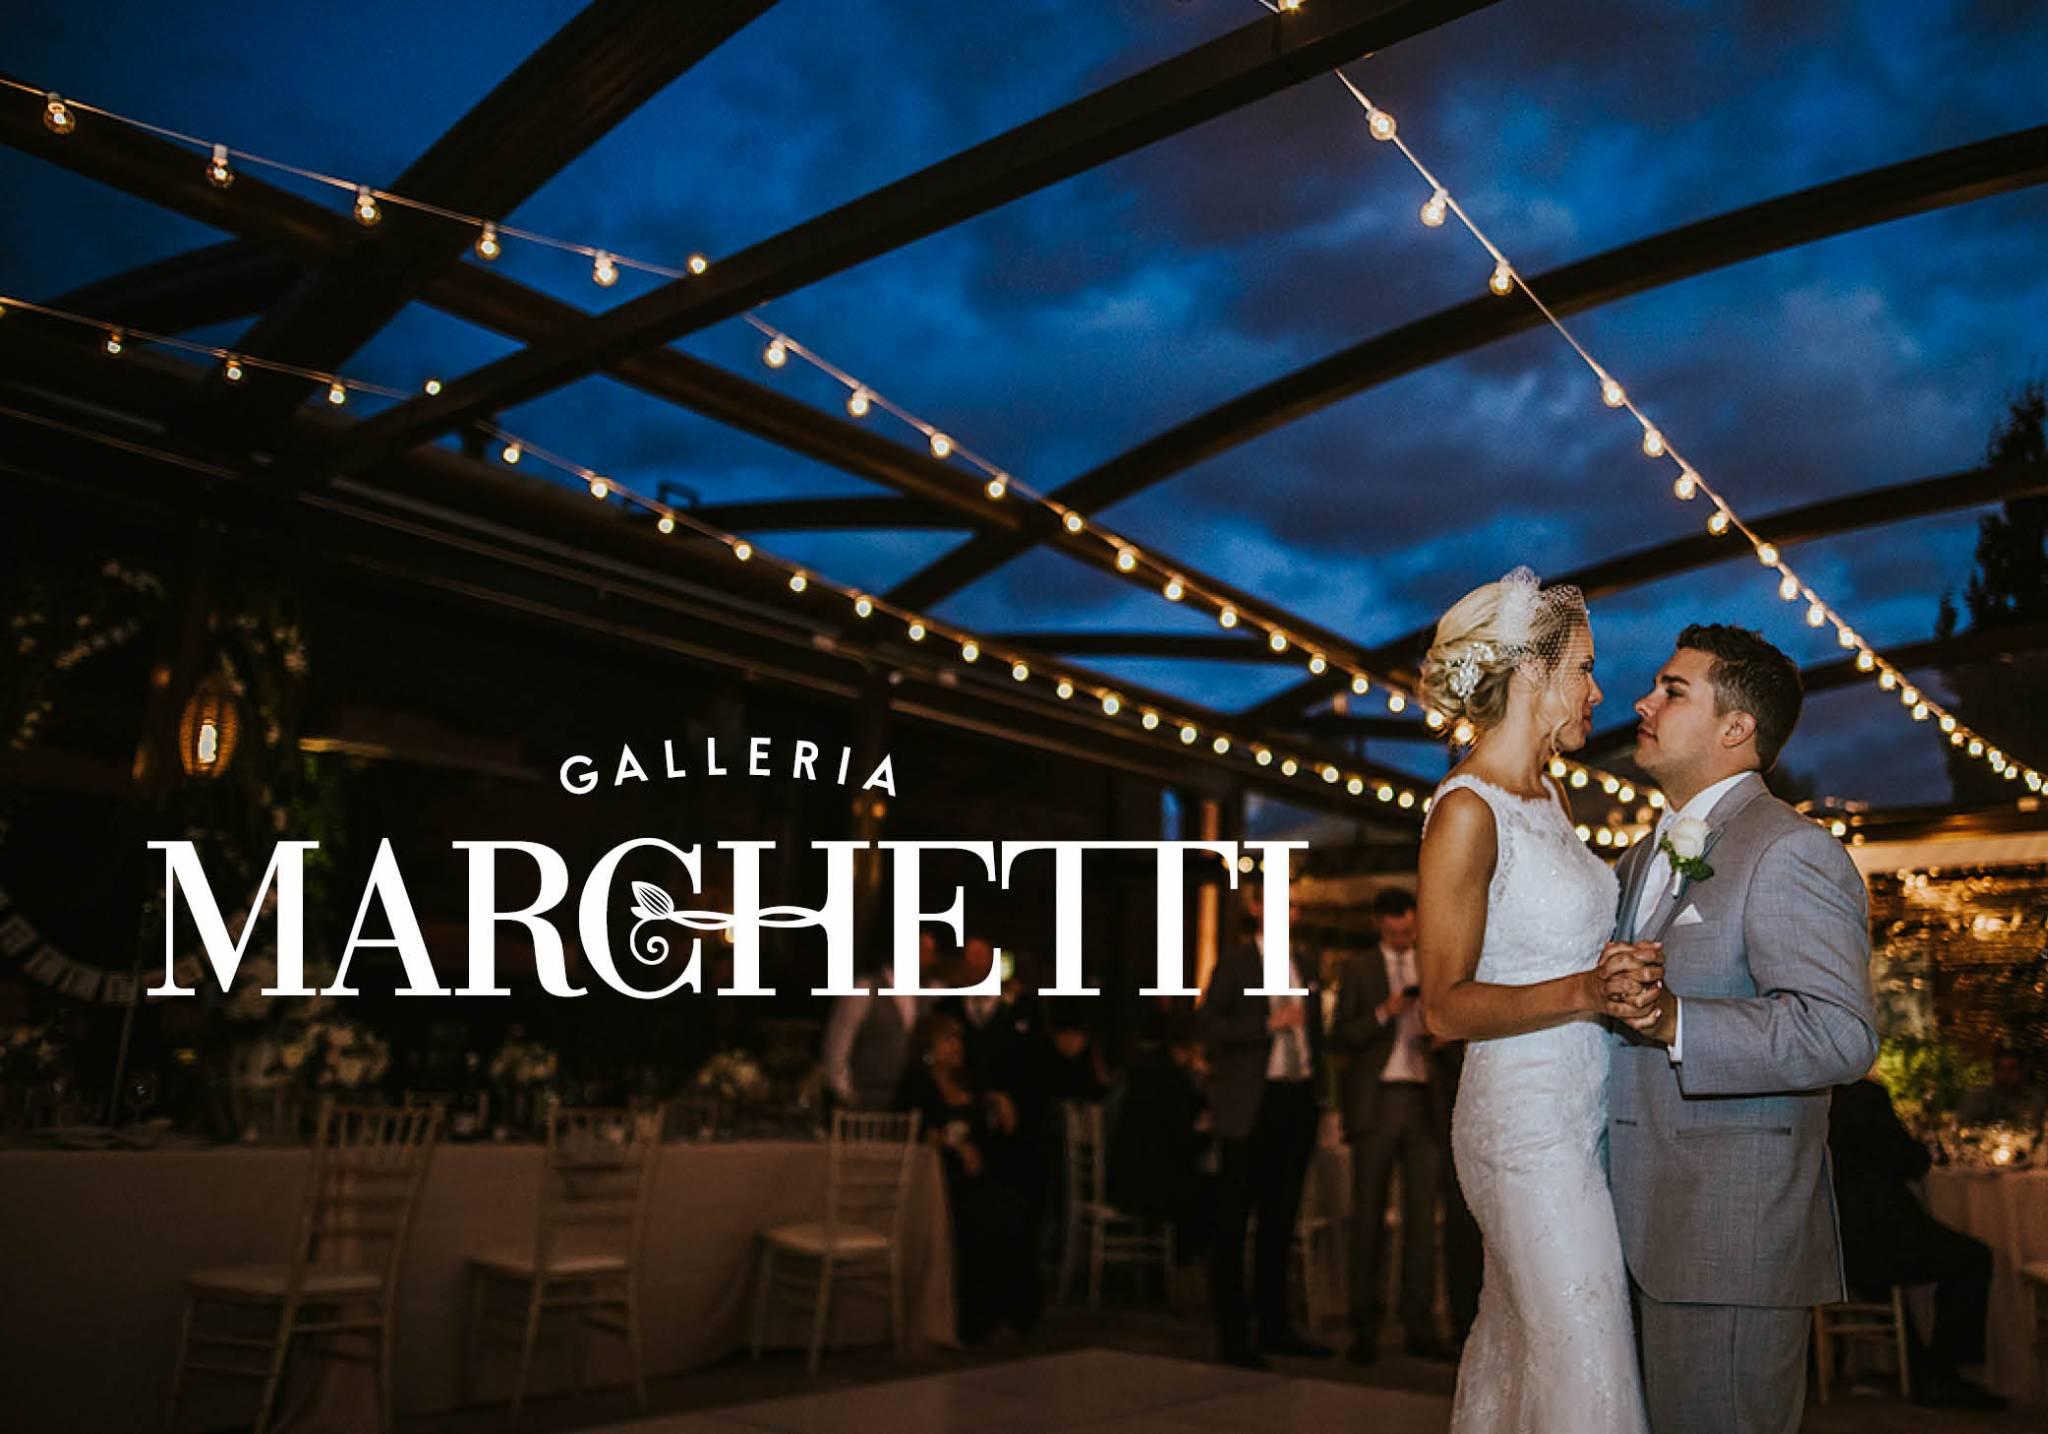 Galleria Marchetti in Chicago, Illinois